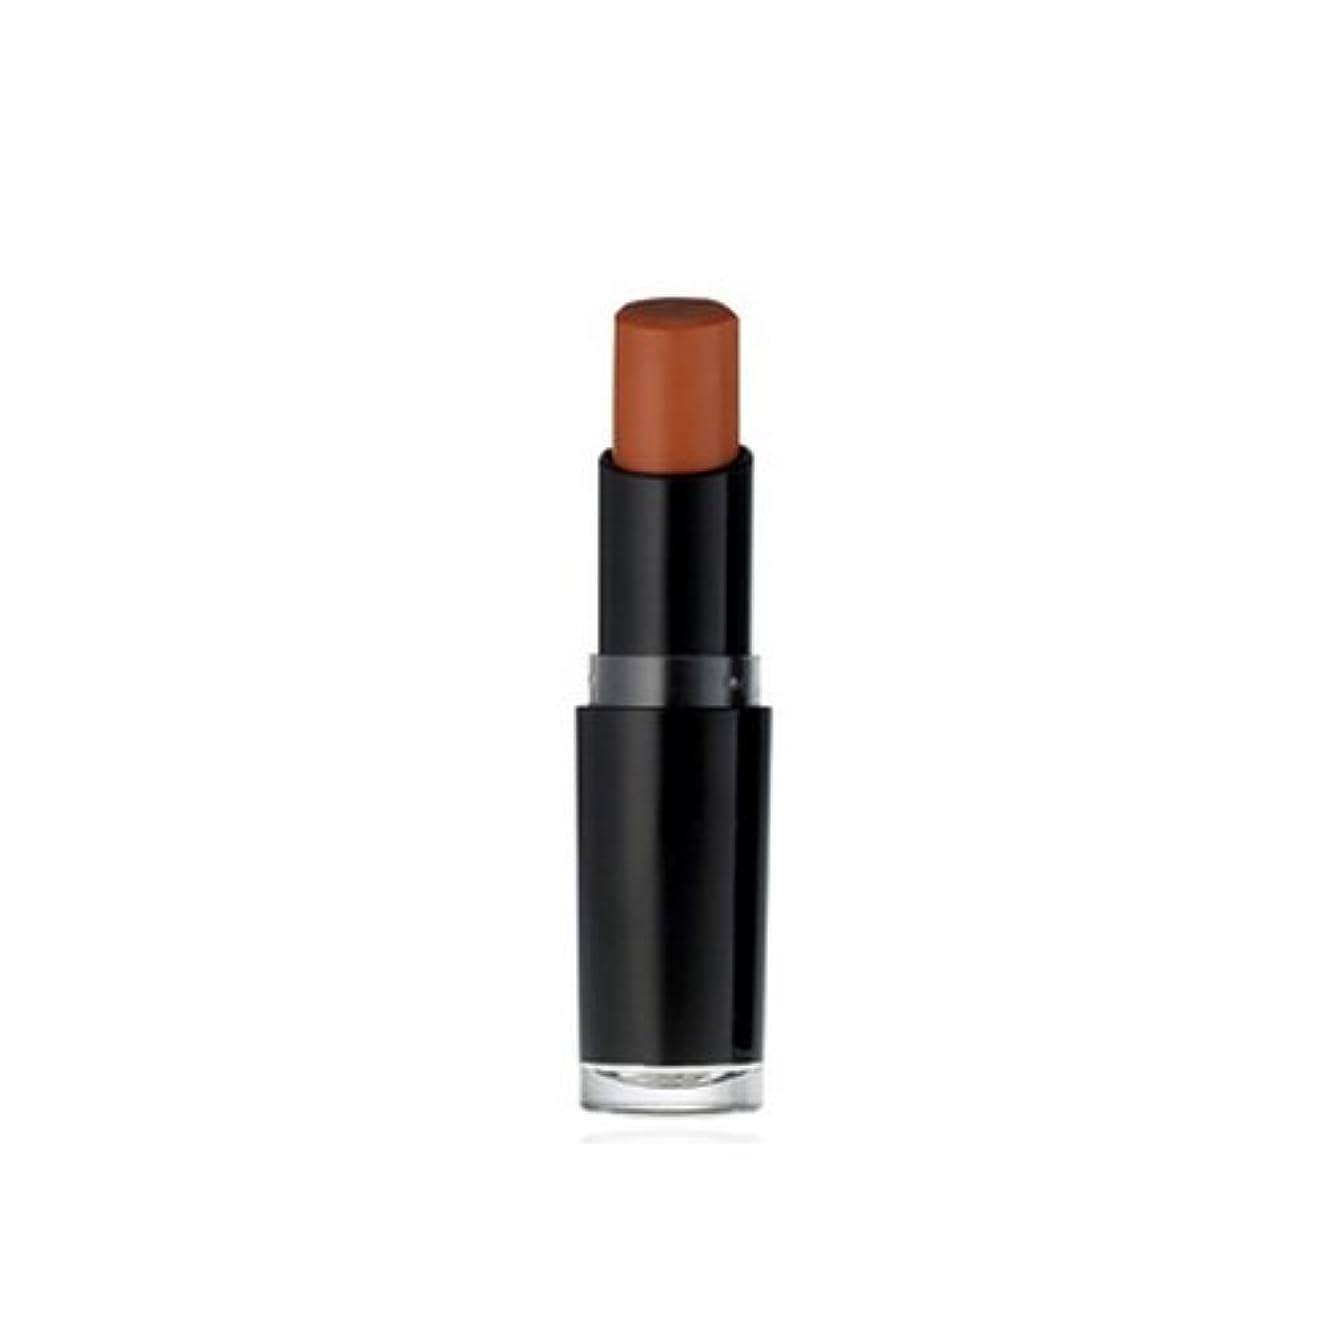 接ぎ木過敏な頻繁にWET N WILD Mega Last Matte Lip Cover - Bare It All (並行輸入品)